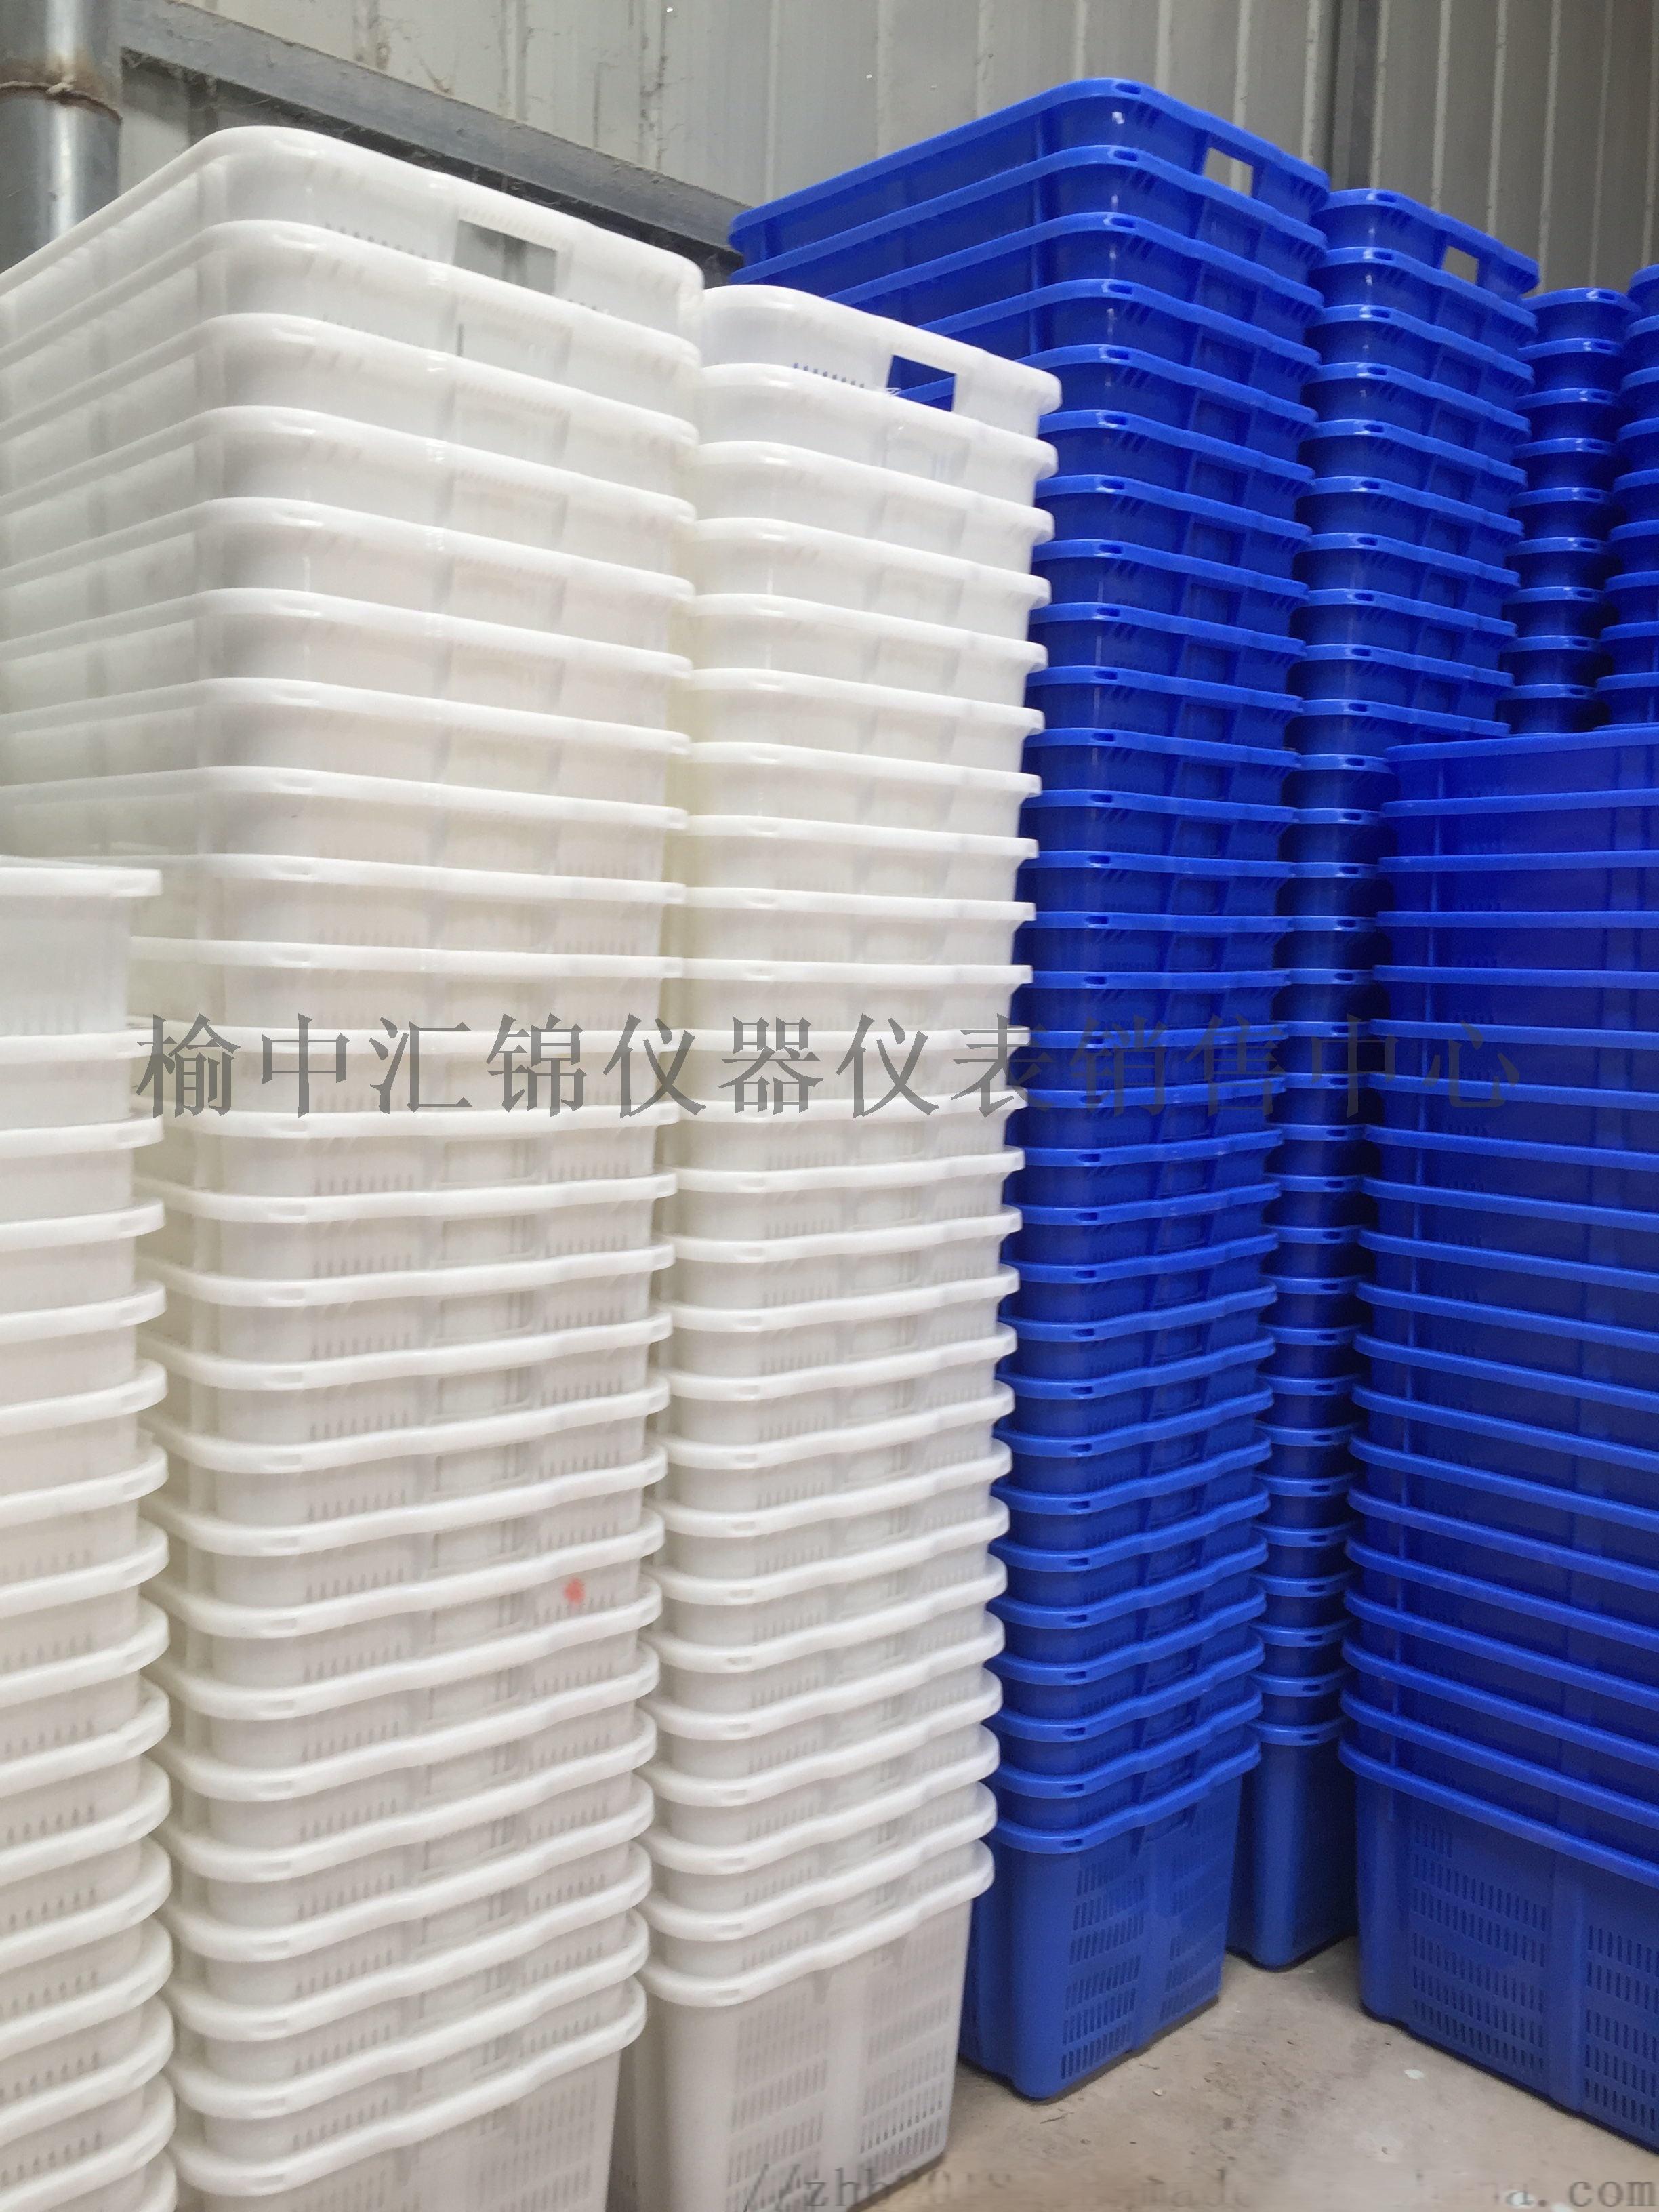 兰州塑料托盘兰州塑料框13919031250114853655